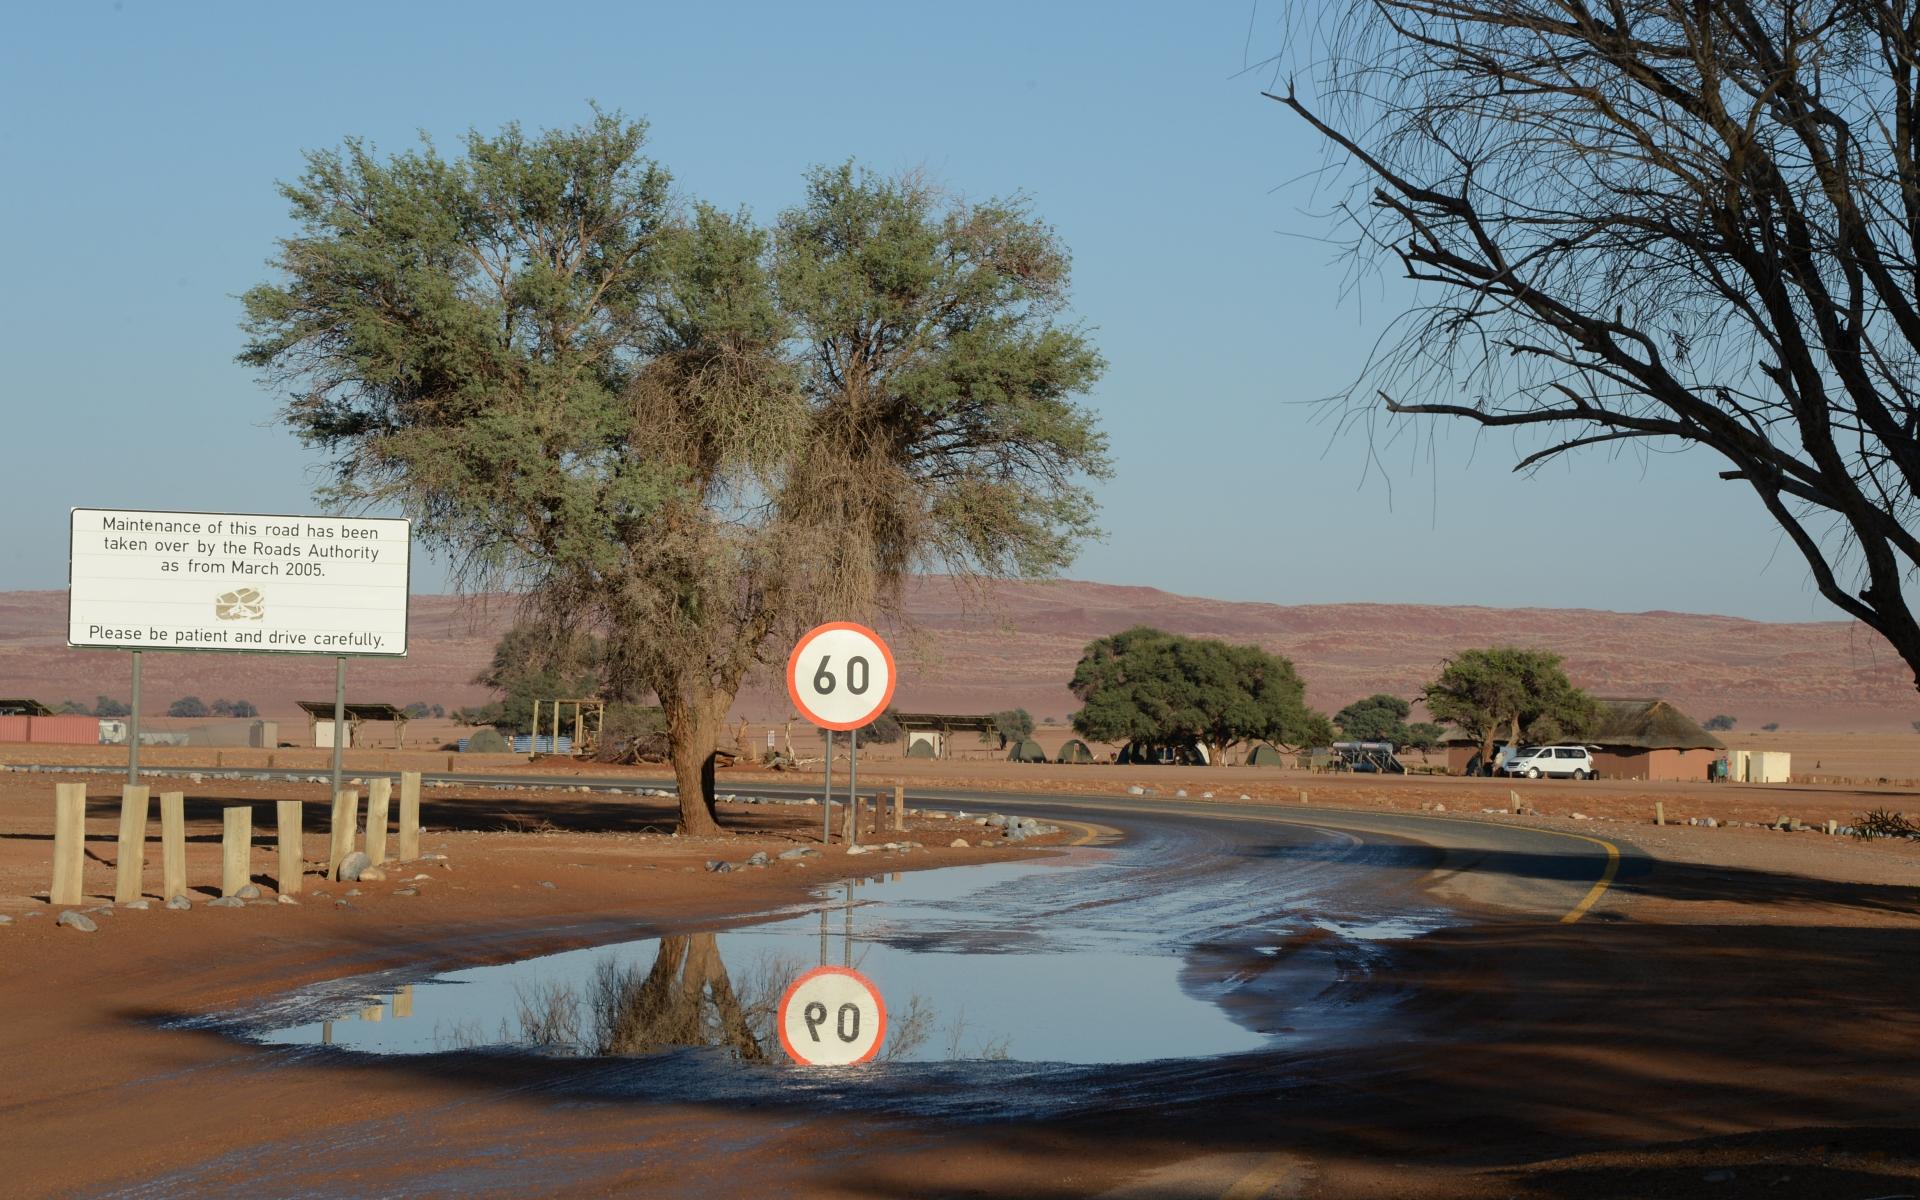 Namibia_Sossusvlei_Deadvlei_05